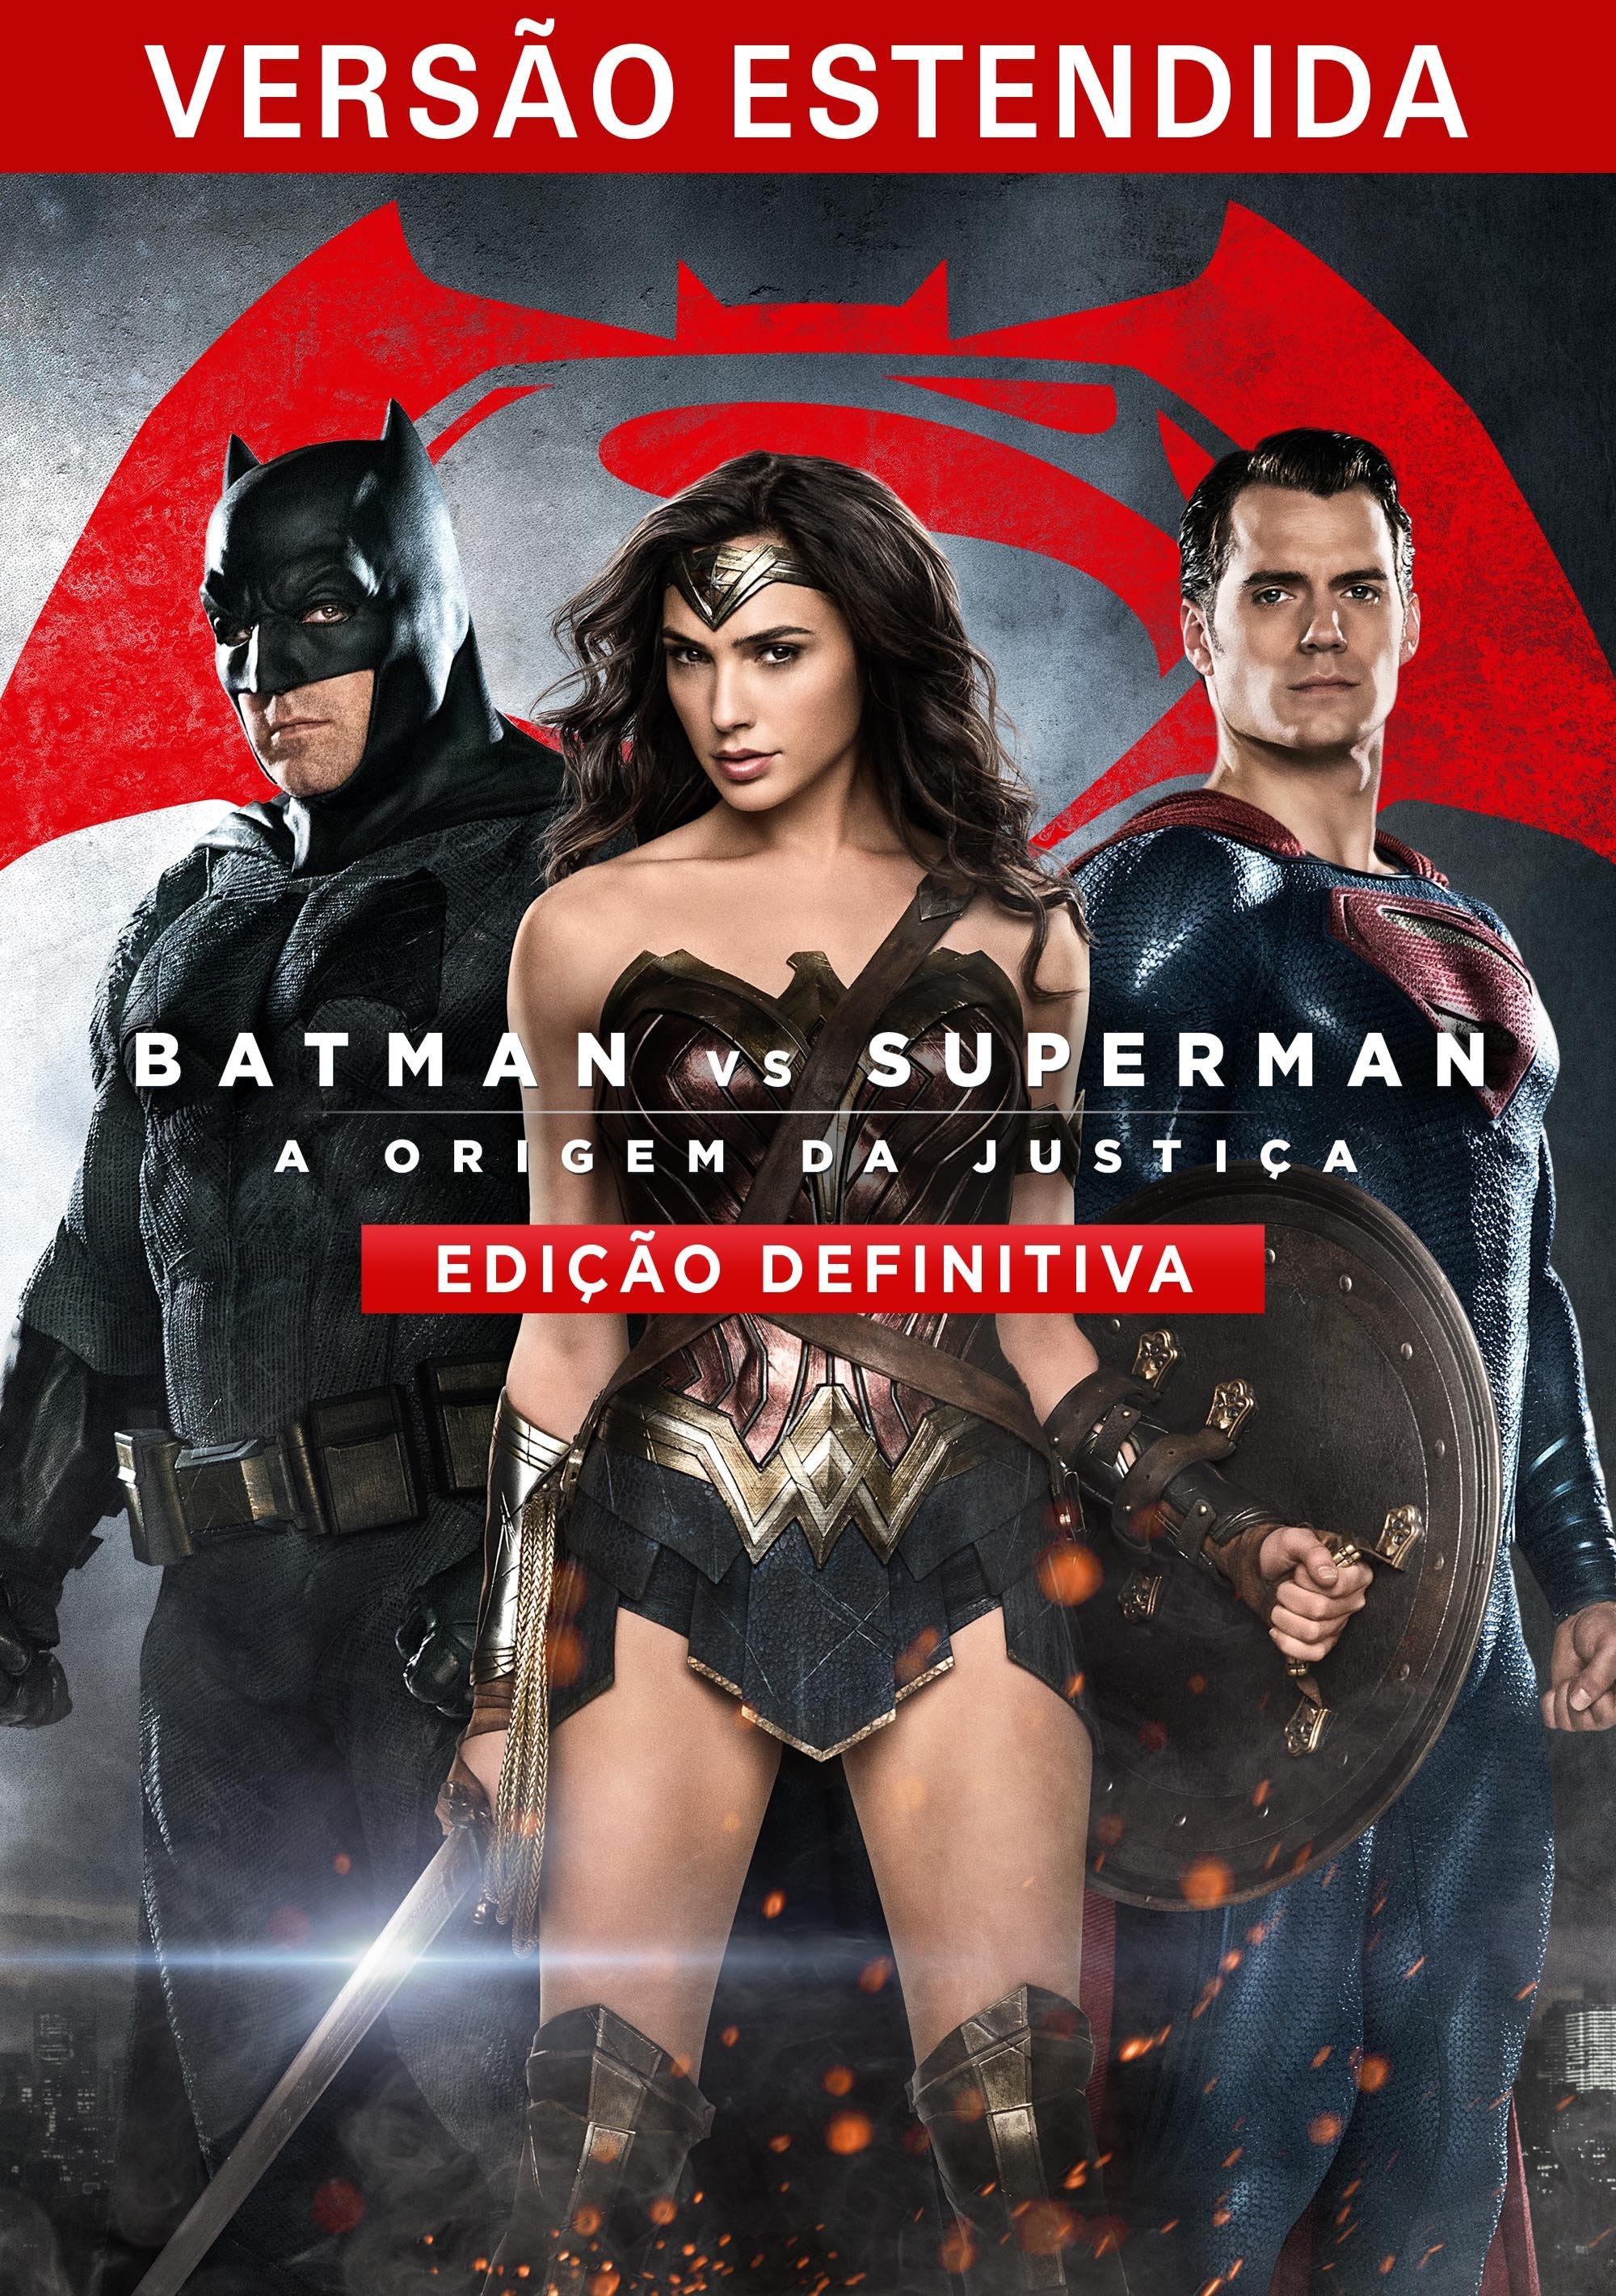 Ed. Definitiva – Batman vs Superman: A Origem da Justiça (versão estendida)